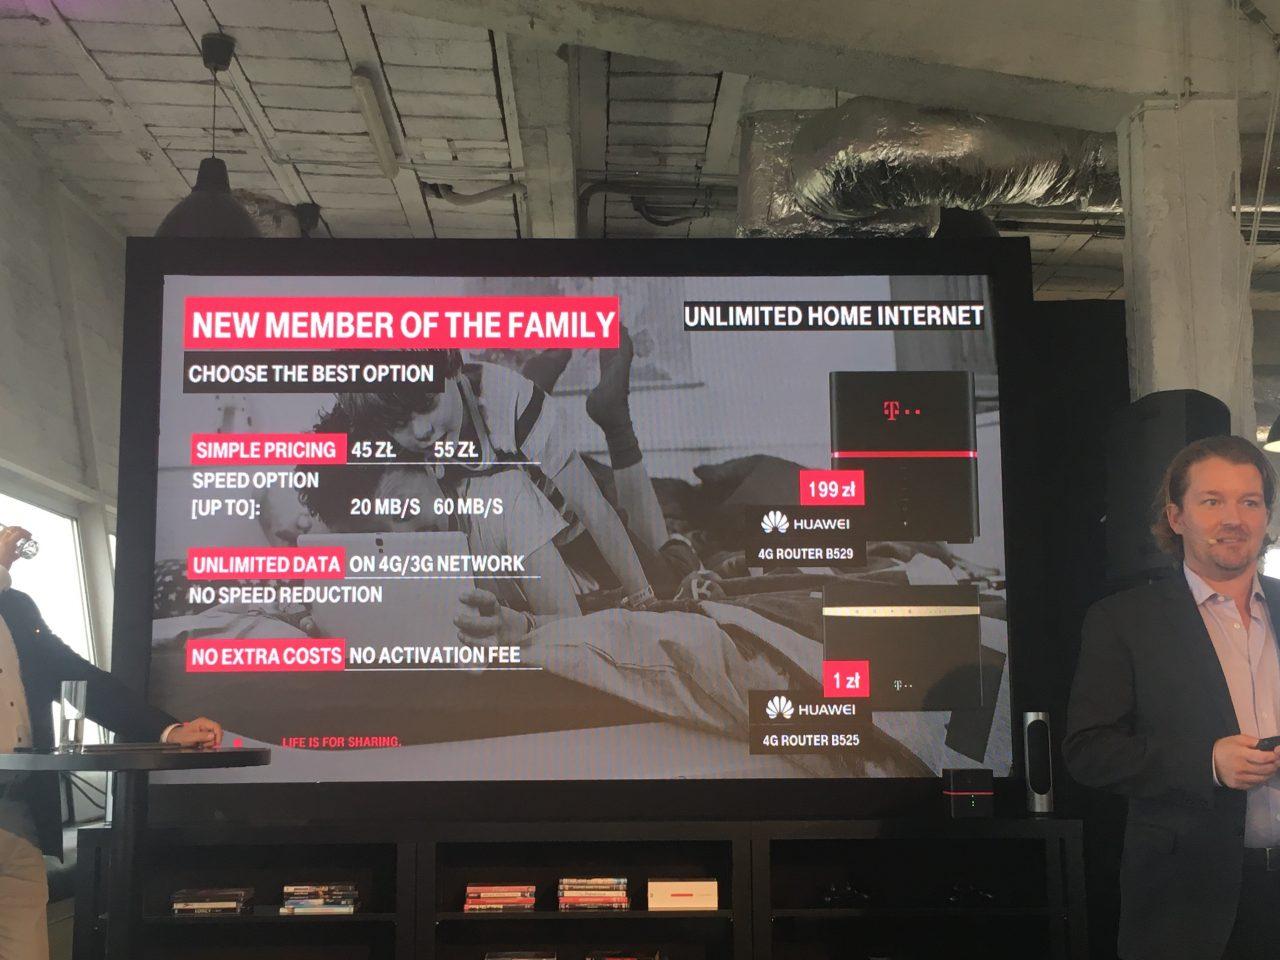 internet domowy bez limitu danych w t-mobile